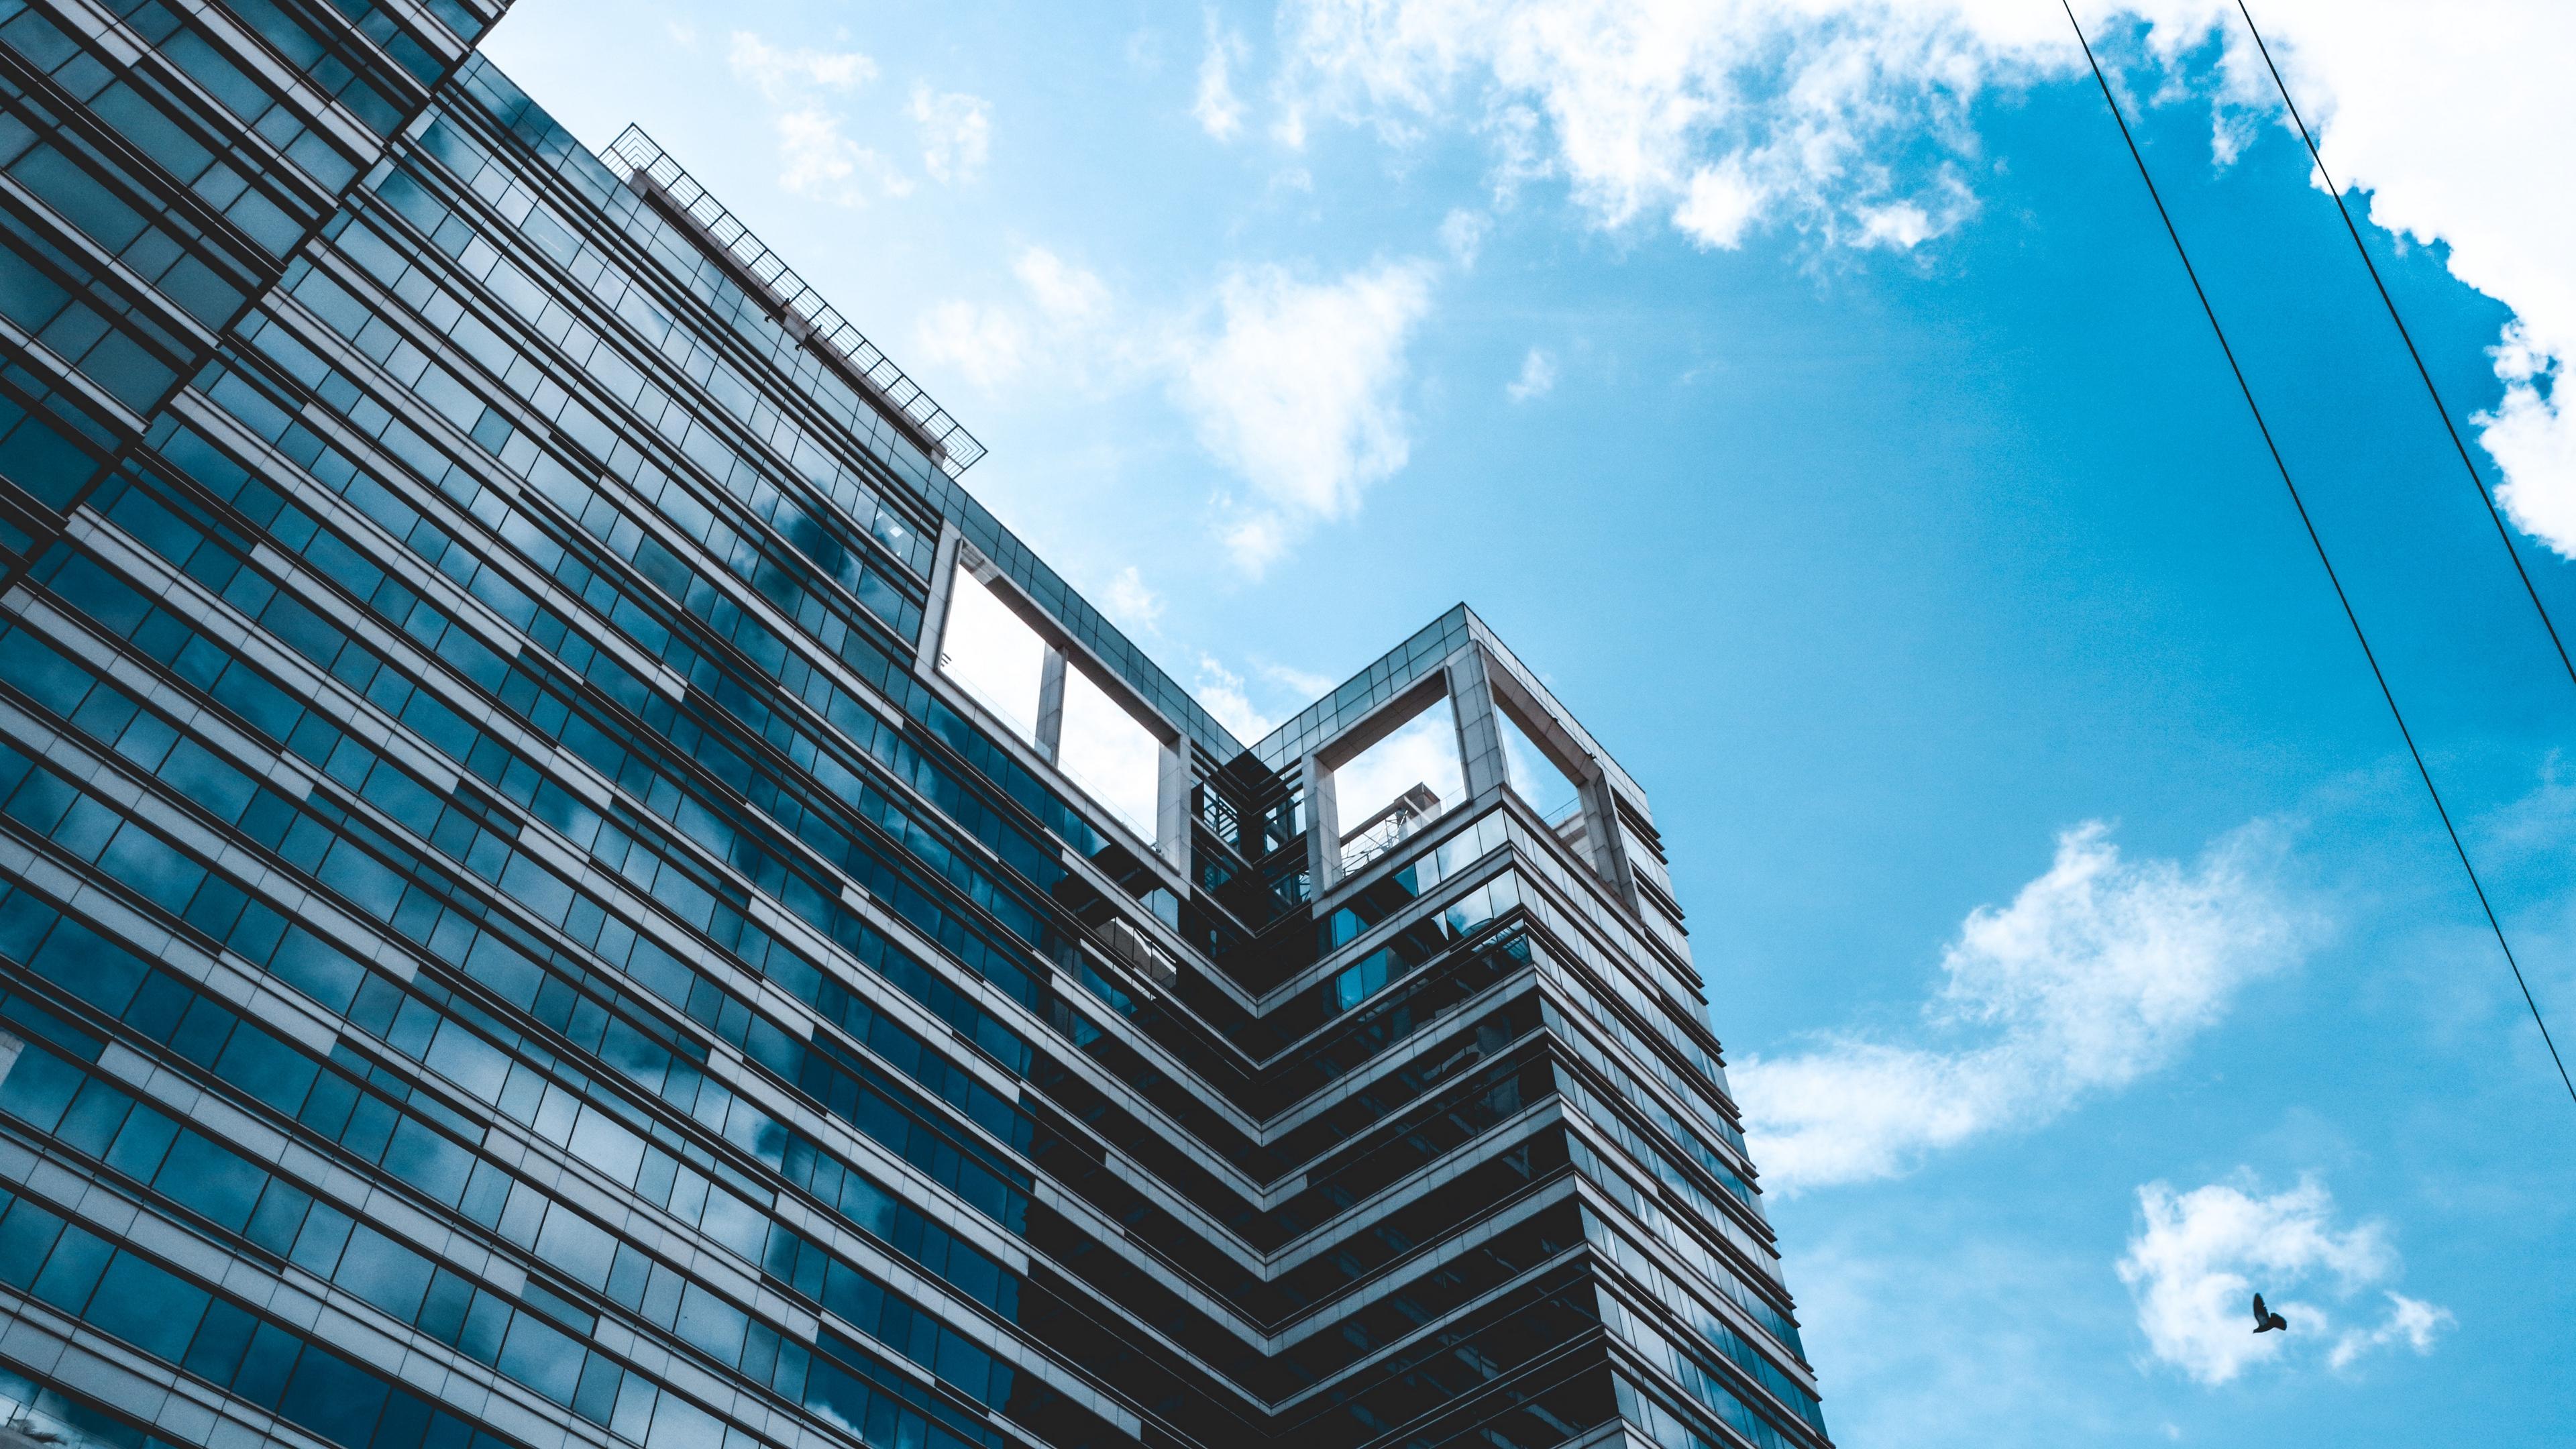 building facade architecture skyscraper glass 4k 1538066590 - building, facade, architecture, skyscraper, glass 4k - facade, Building, Architecture